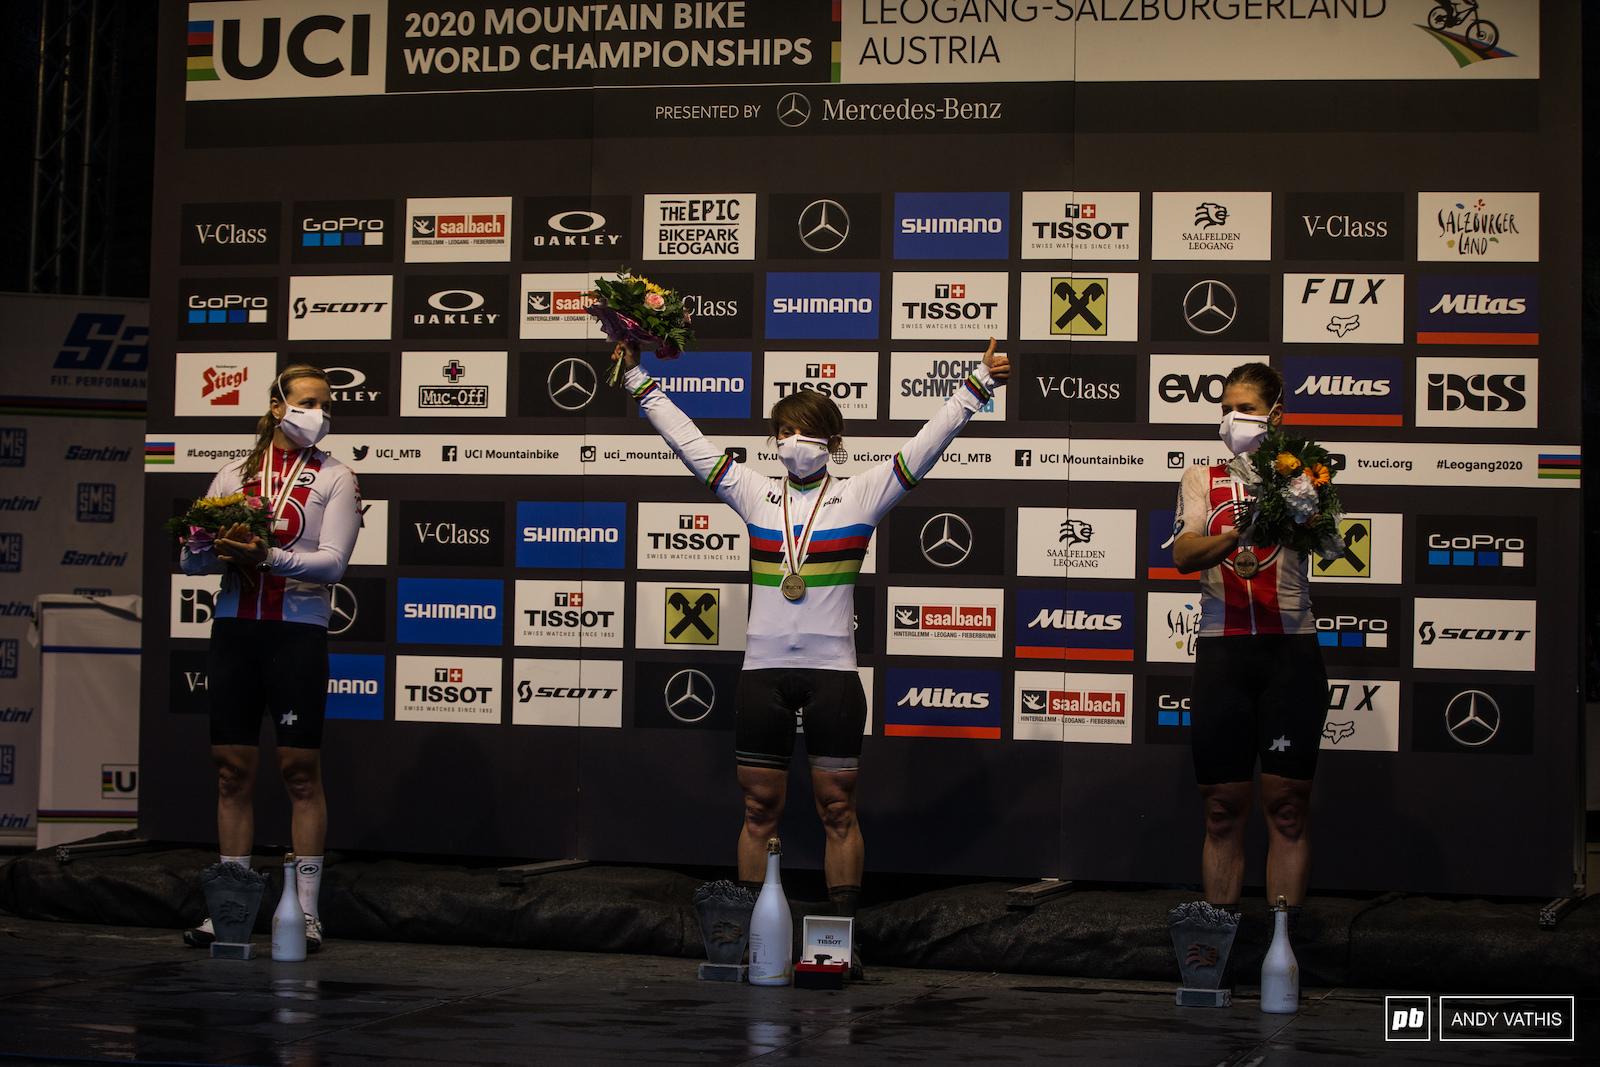 Your women s e-bike podium - Melanie Pugin Kathrine Stirnemann and Nathalie Schneitter.